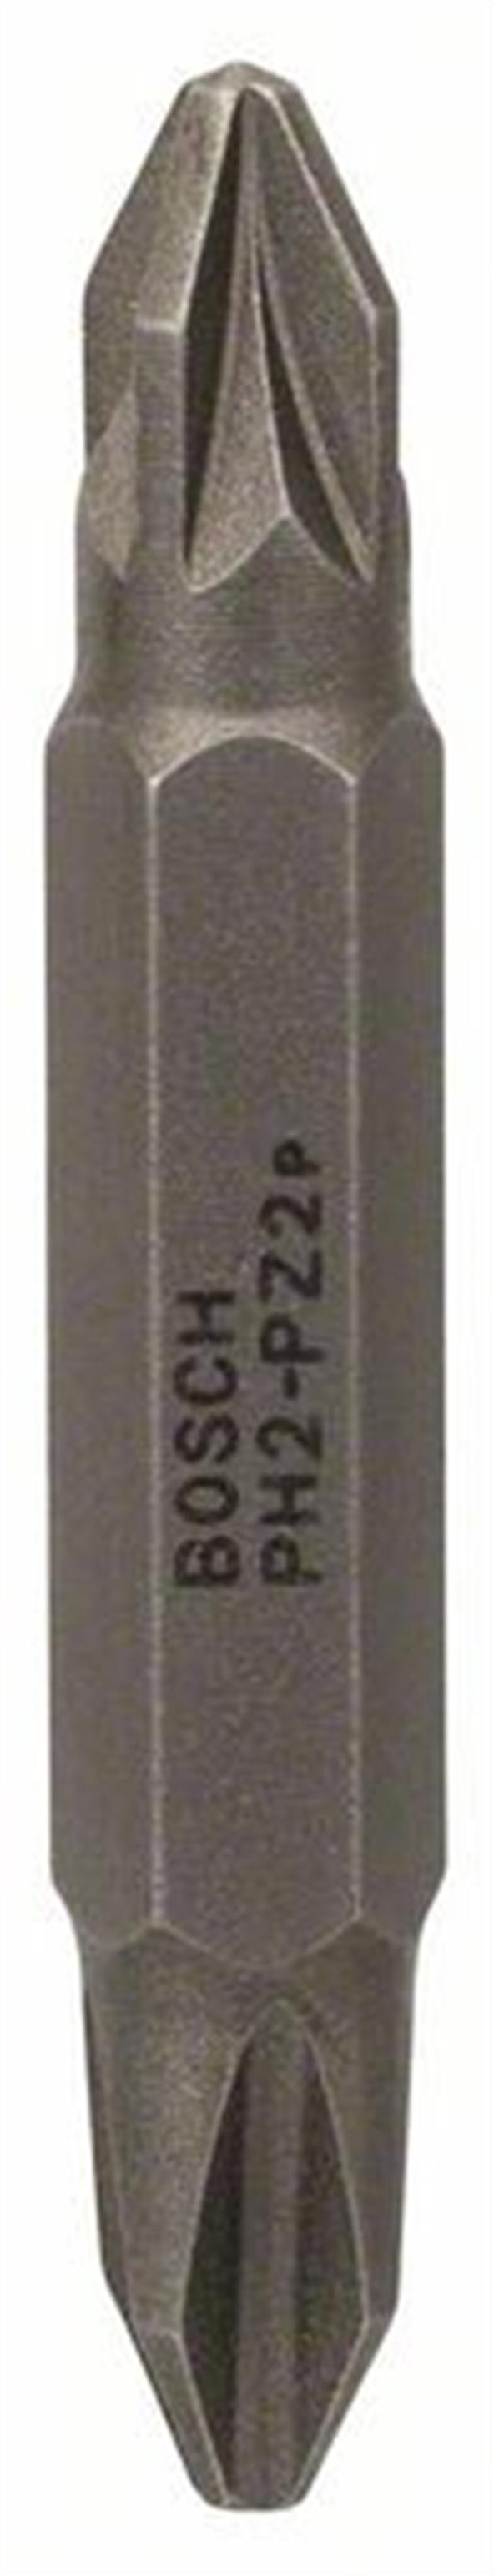 Бита для шуруповерта двусторонняя Bosch PH2/PZ2, длина